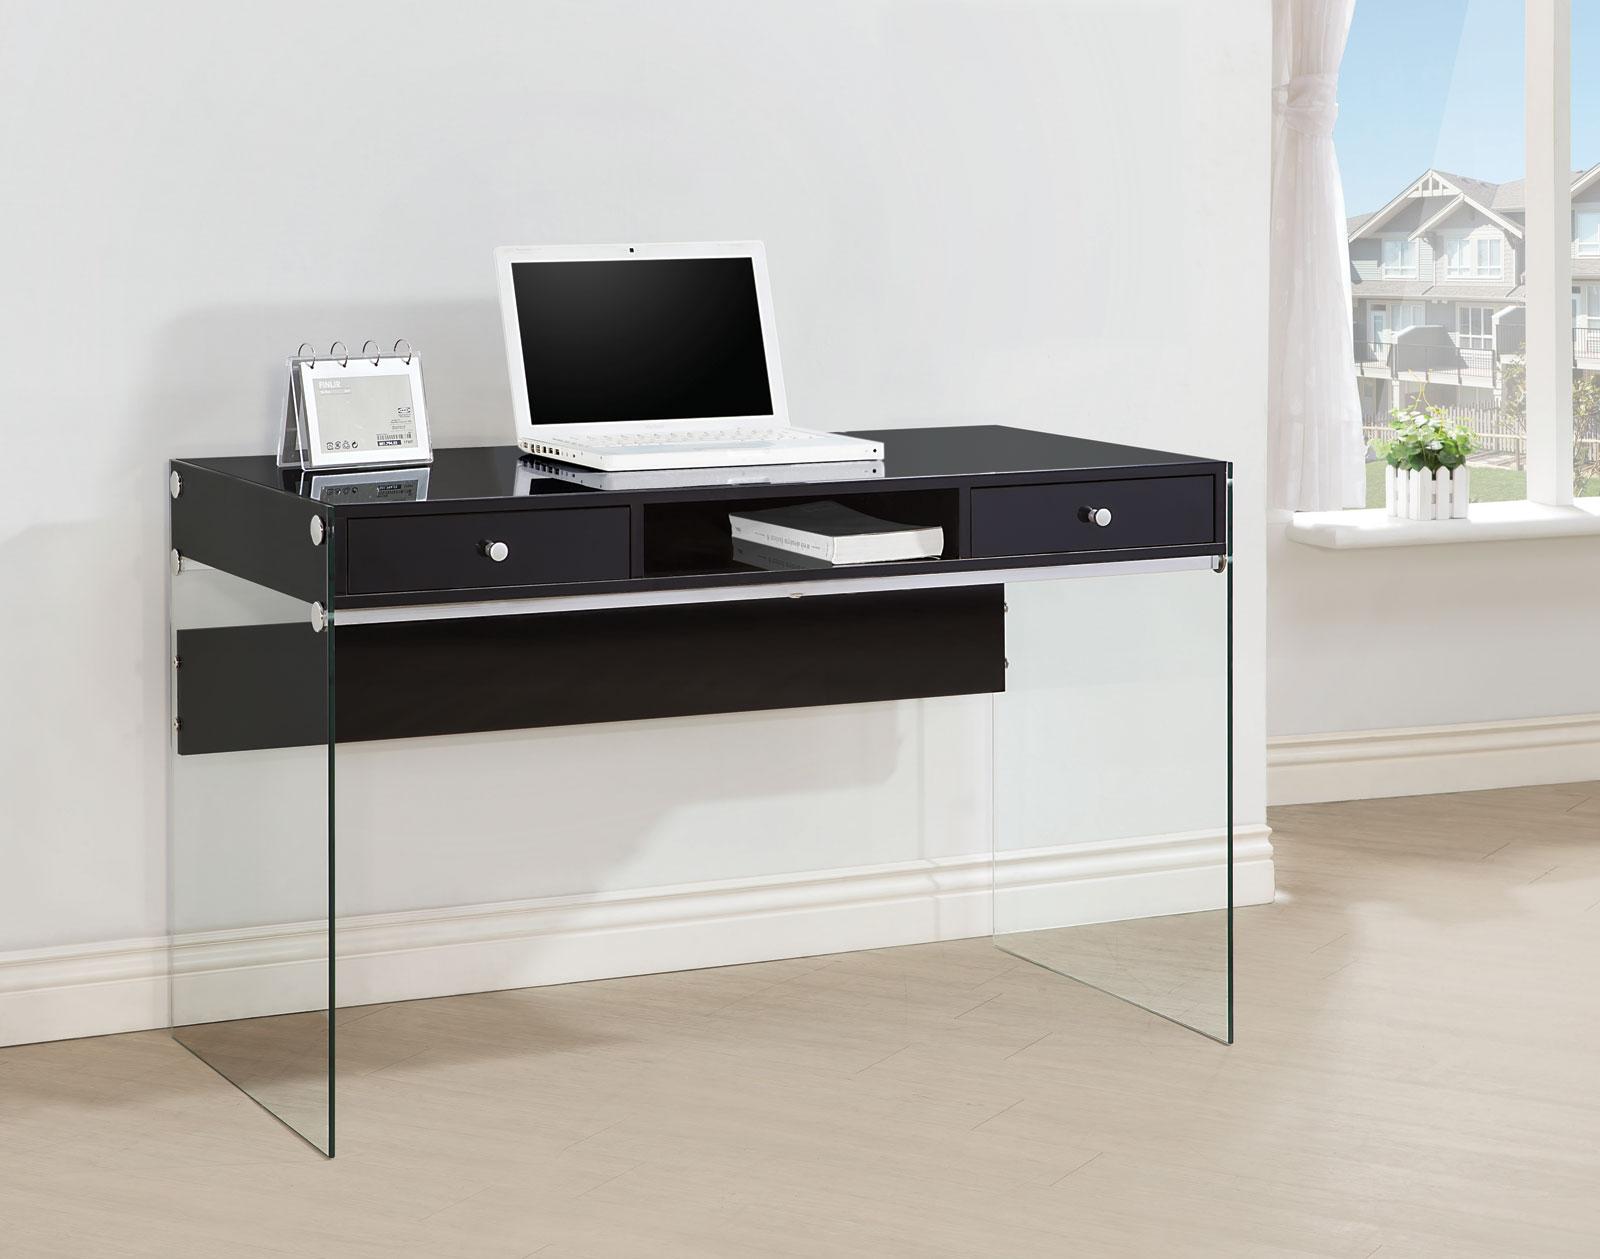 Sofa Mart Reviews picture on arlington black gloss office desk with Sofa Mart Reviews, sofa 2d18e6249c7509a80e0d1d419e198486